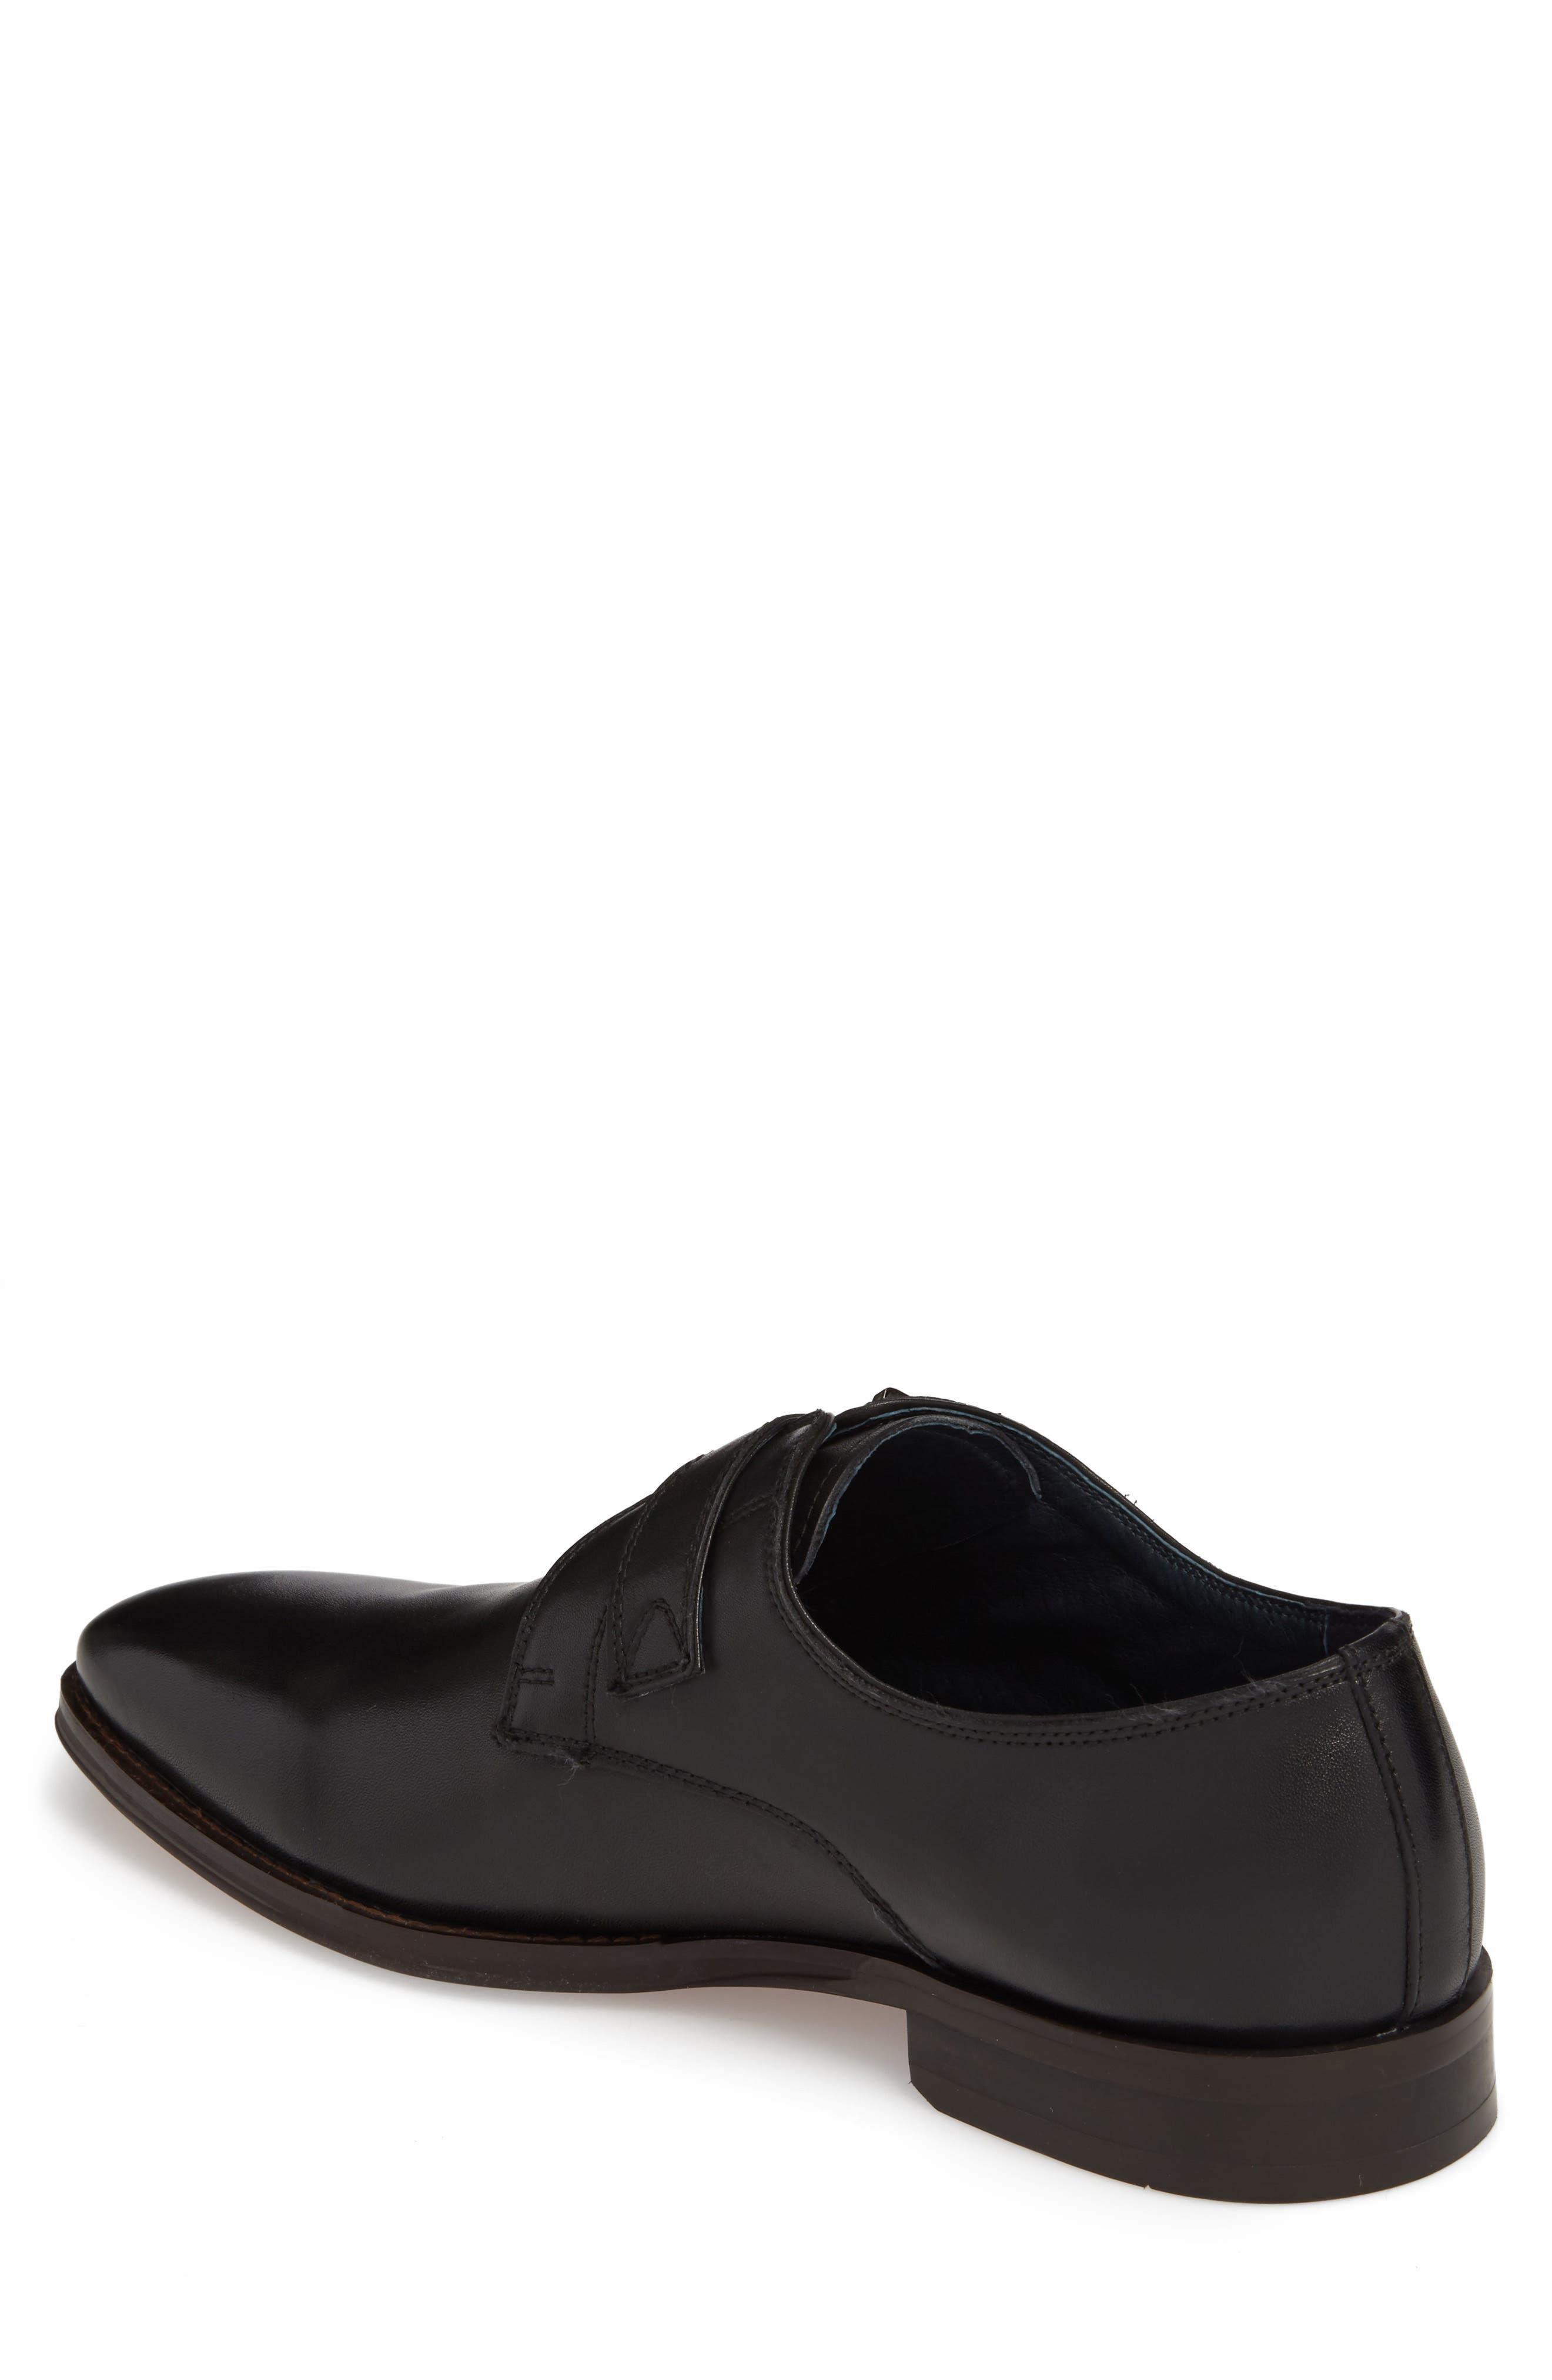 Miguel Monk Strap Shoe,                             Alternate thumbnail 2, color,                             Black Leather